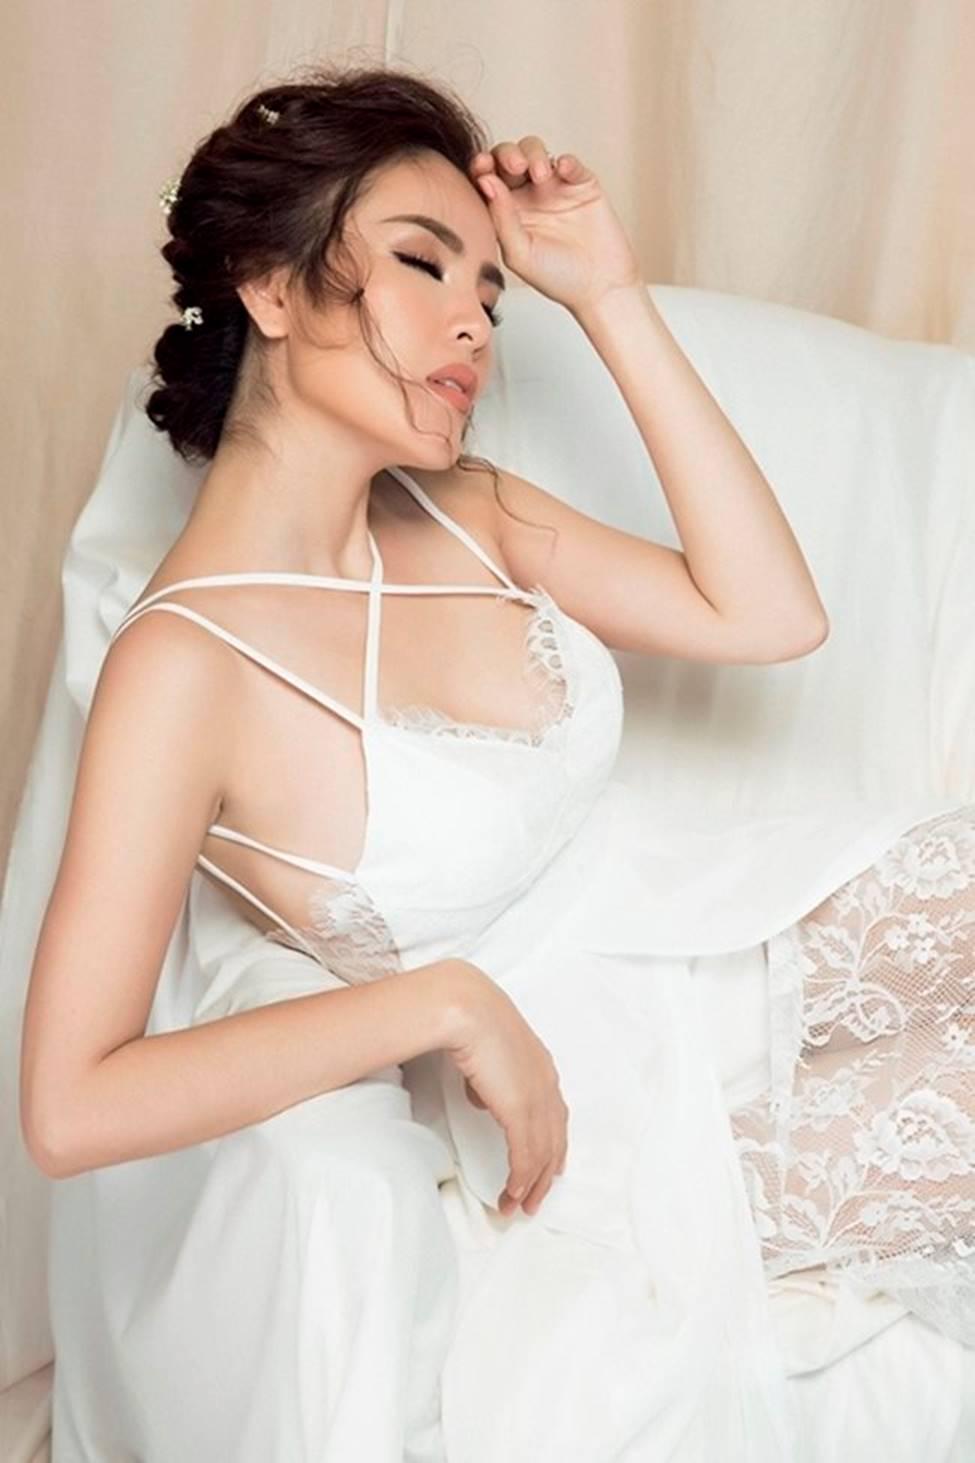 Mặc váy ngủ: Kỳ Duyên bị chê, dàn mỹ nhân này được khen tinh tế-8